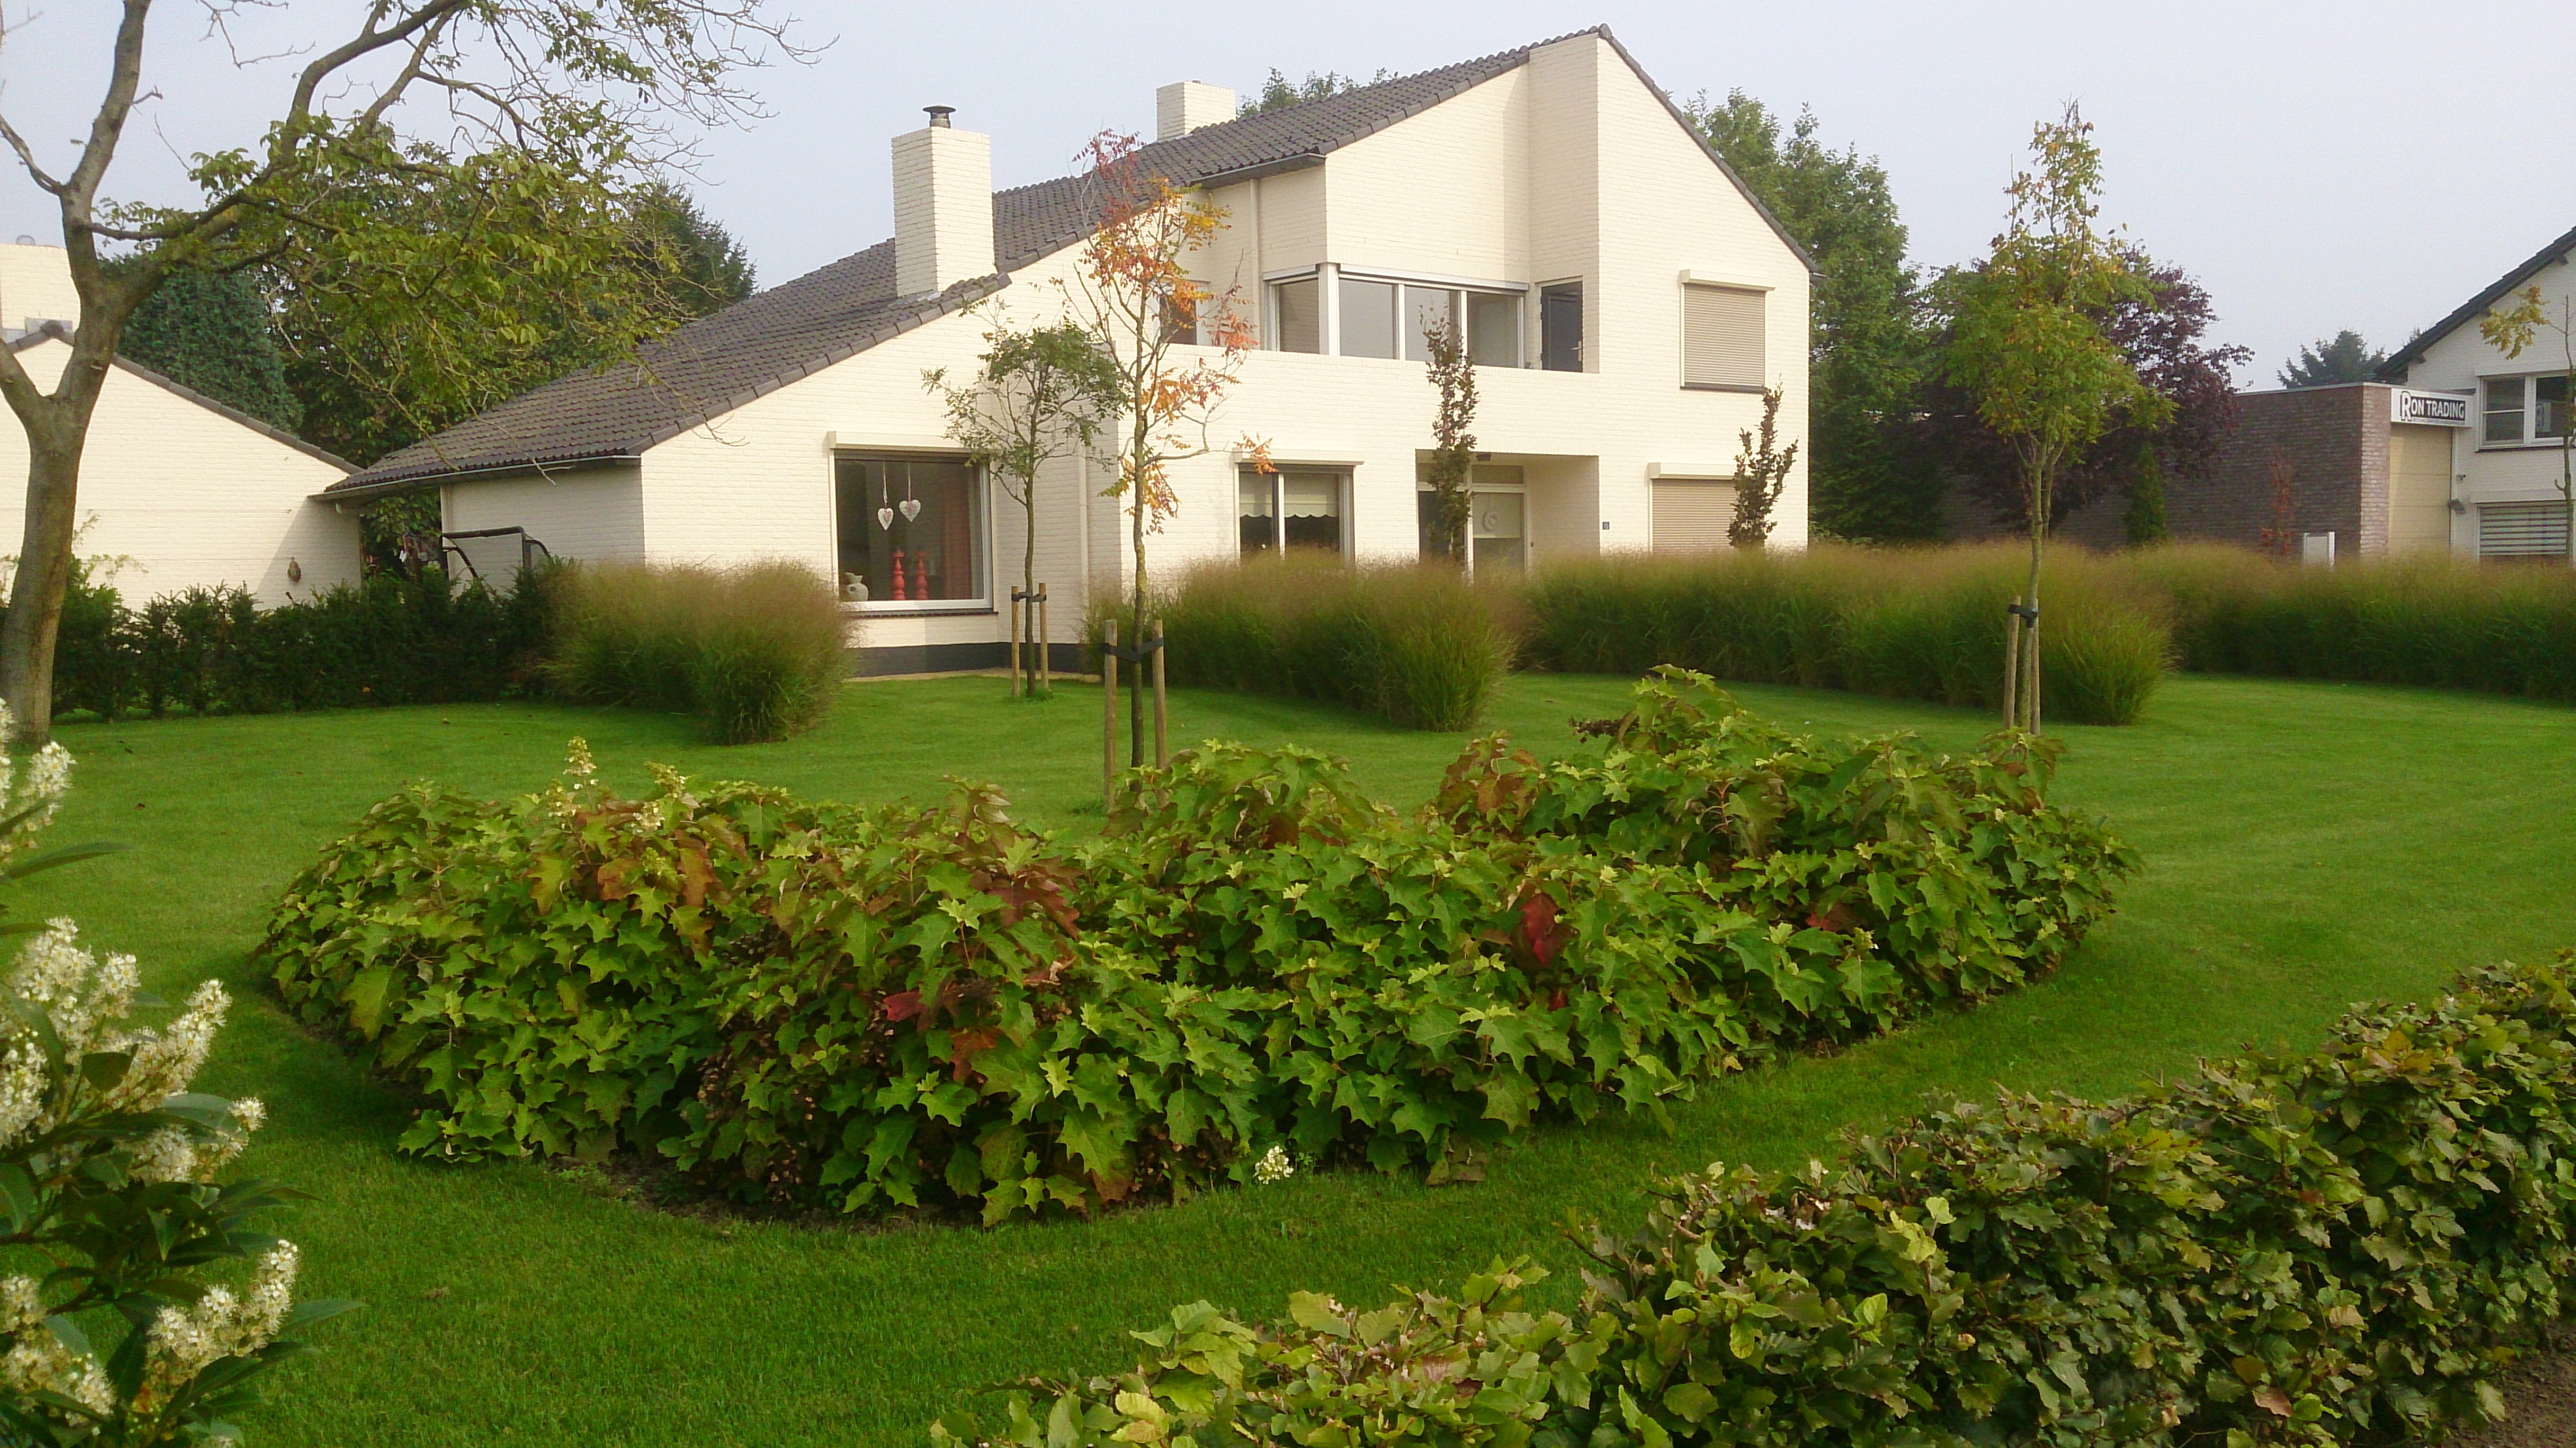 De mildert tuinen website voortuin met grote groepen for Strakke tuinen met siergrassen